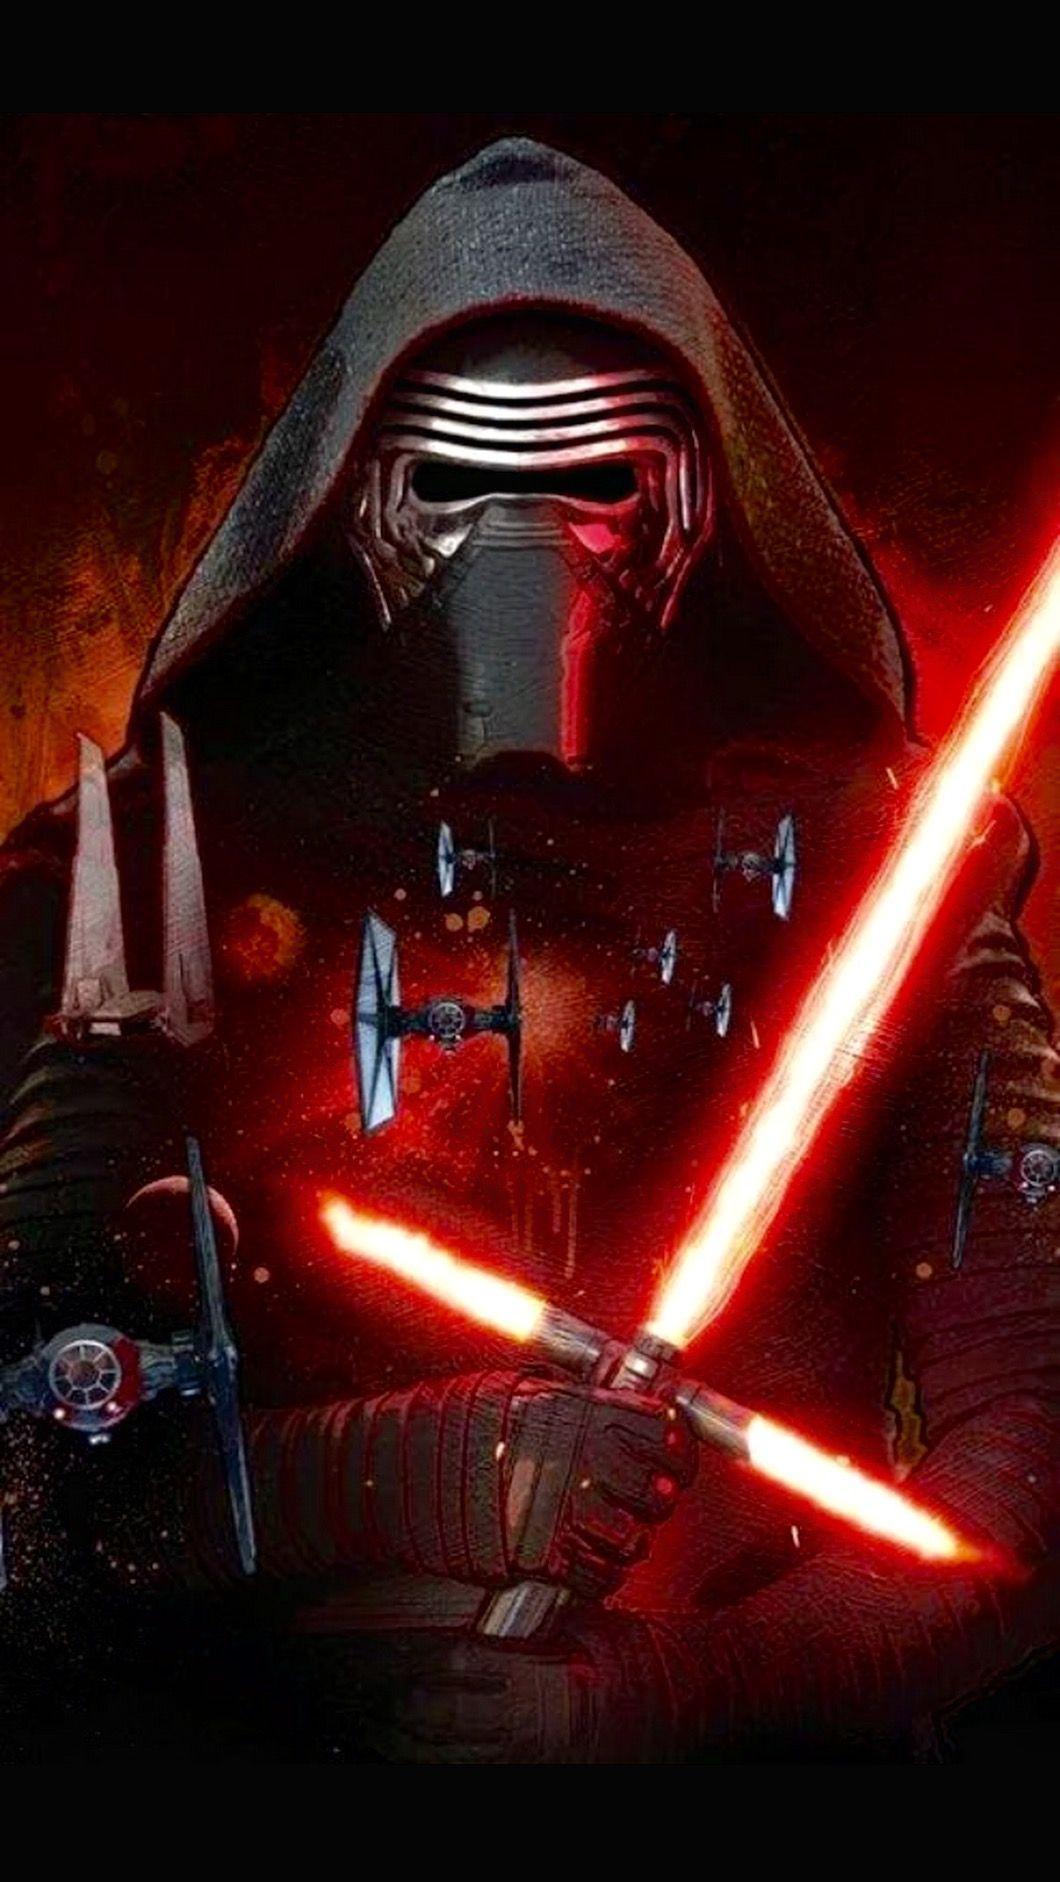 Kylo Ren Star Wars Pinterest Star Wars Star Wars Episodes And